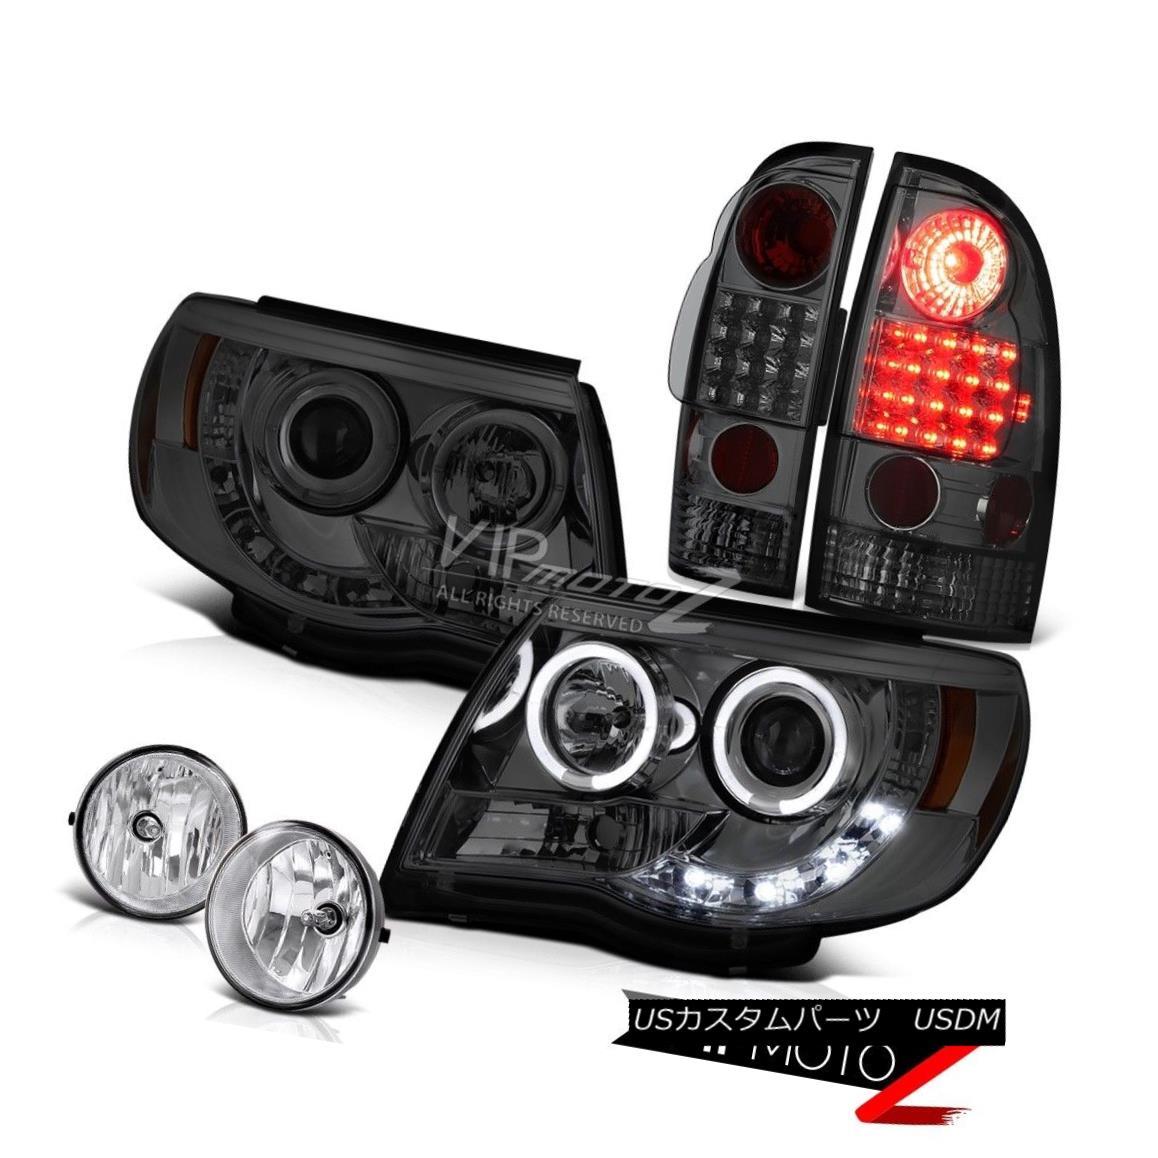 テールライト Tinted Projector Headlight LED Brake Light Chrome Fog 2005-2011 Tacoma PreRunner ティンテッドプロジェクターヘッドライトLEDブレーキライトクロムフォグ2005-2011 Tacoma PreRunner